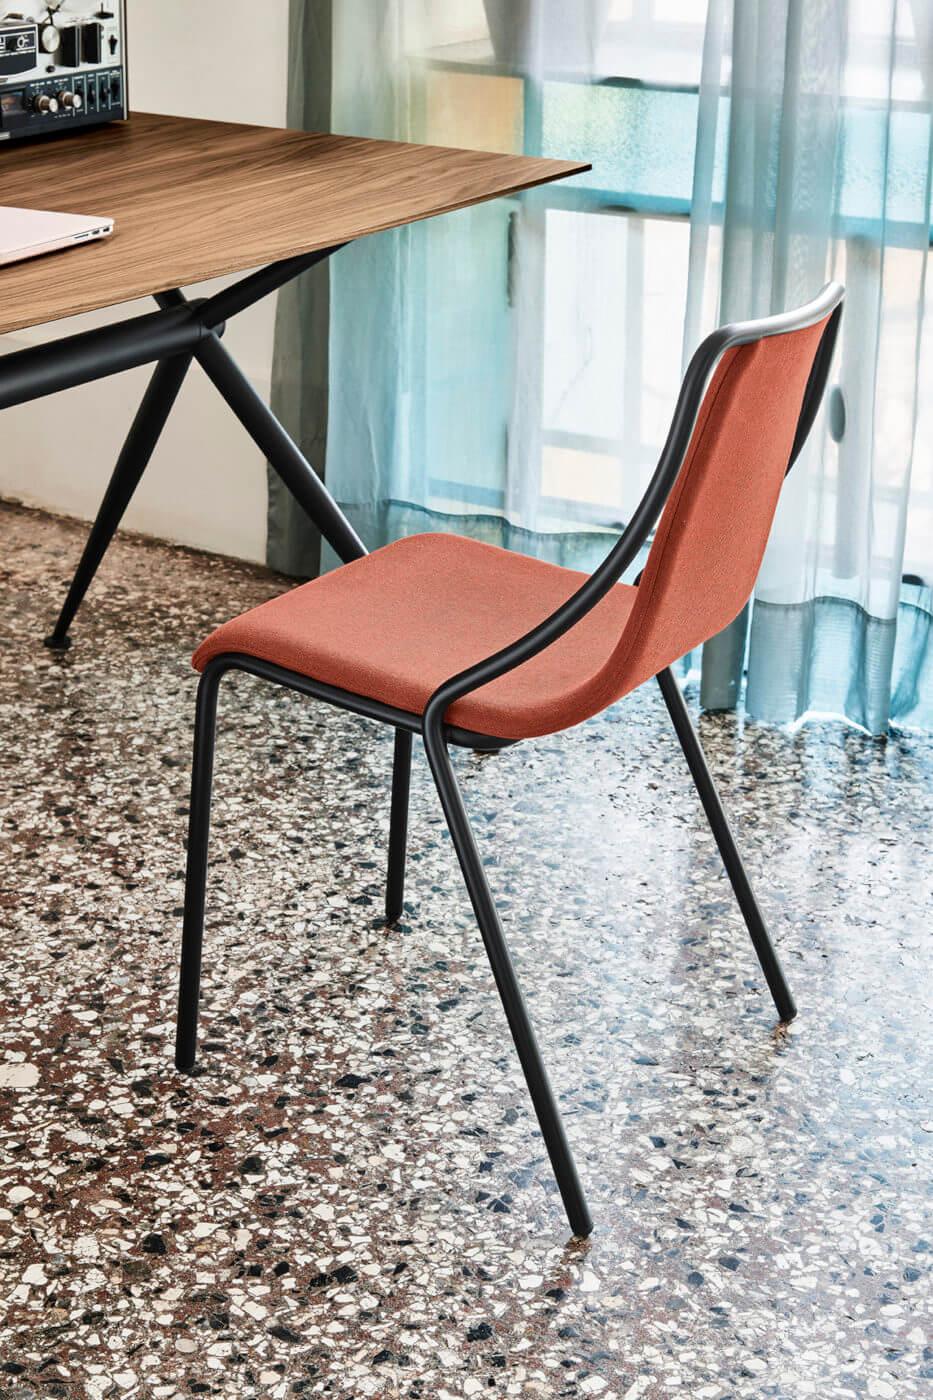 Sedia da ufficio Ola con seduta in tessuto rosso e base in metallo nero